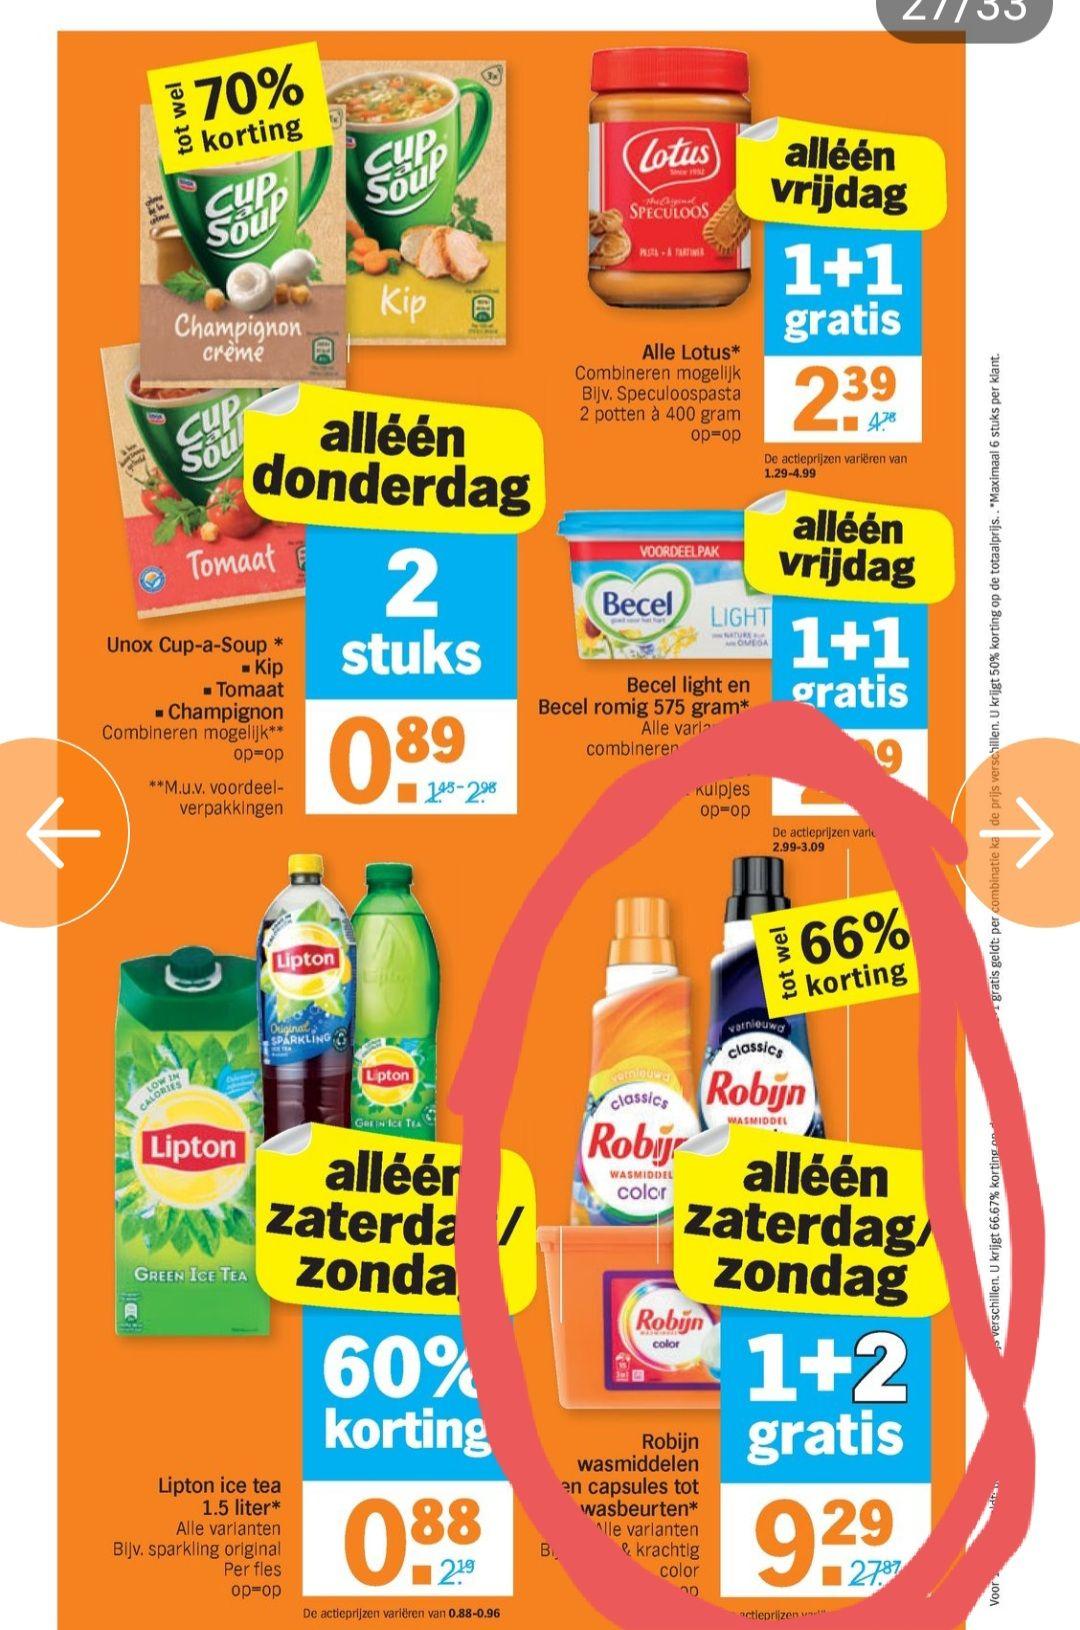 Zaterdag en zondag Robijn wasmiddel en capsules 1+2 gratis @Albert Heijn